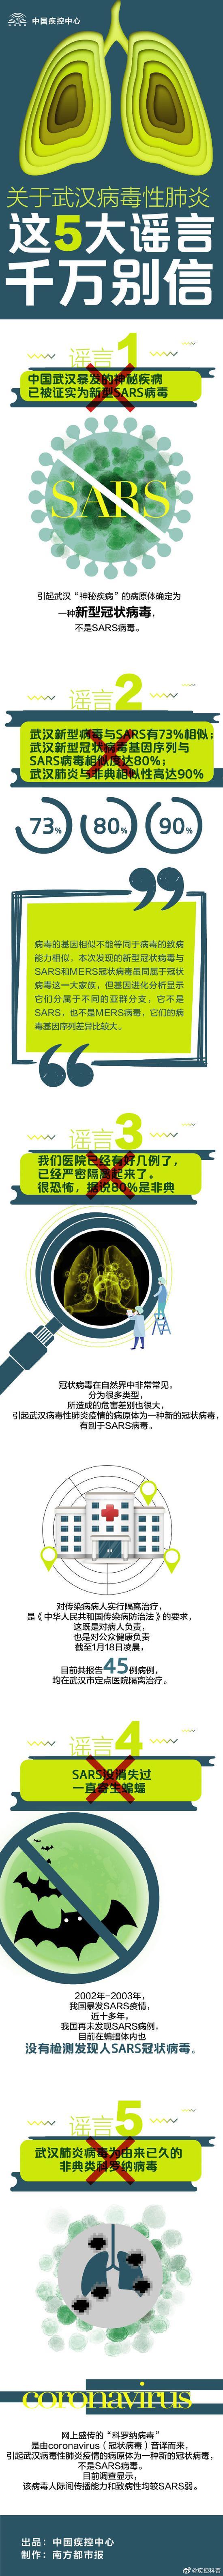 中国疾控中心:关于武汉病毒性肺炎 这5大谣言别信图片